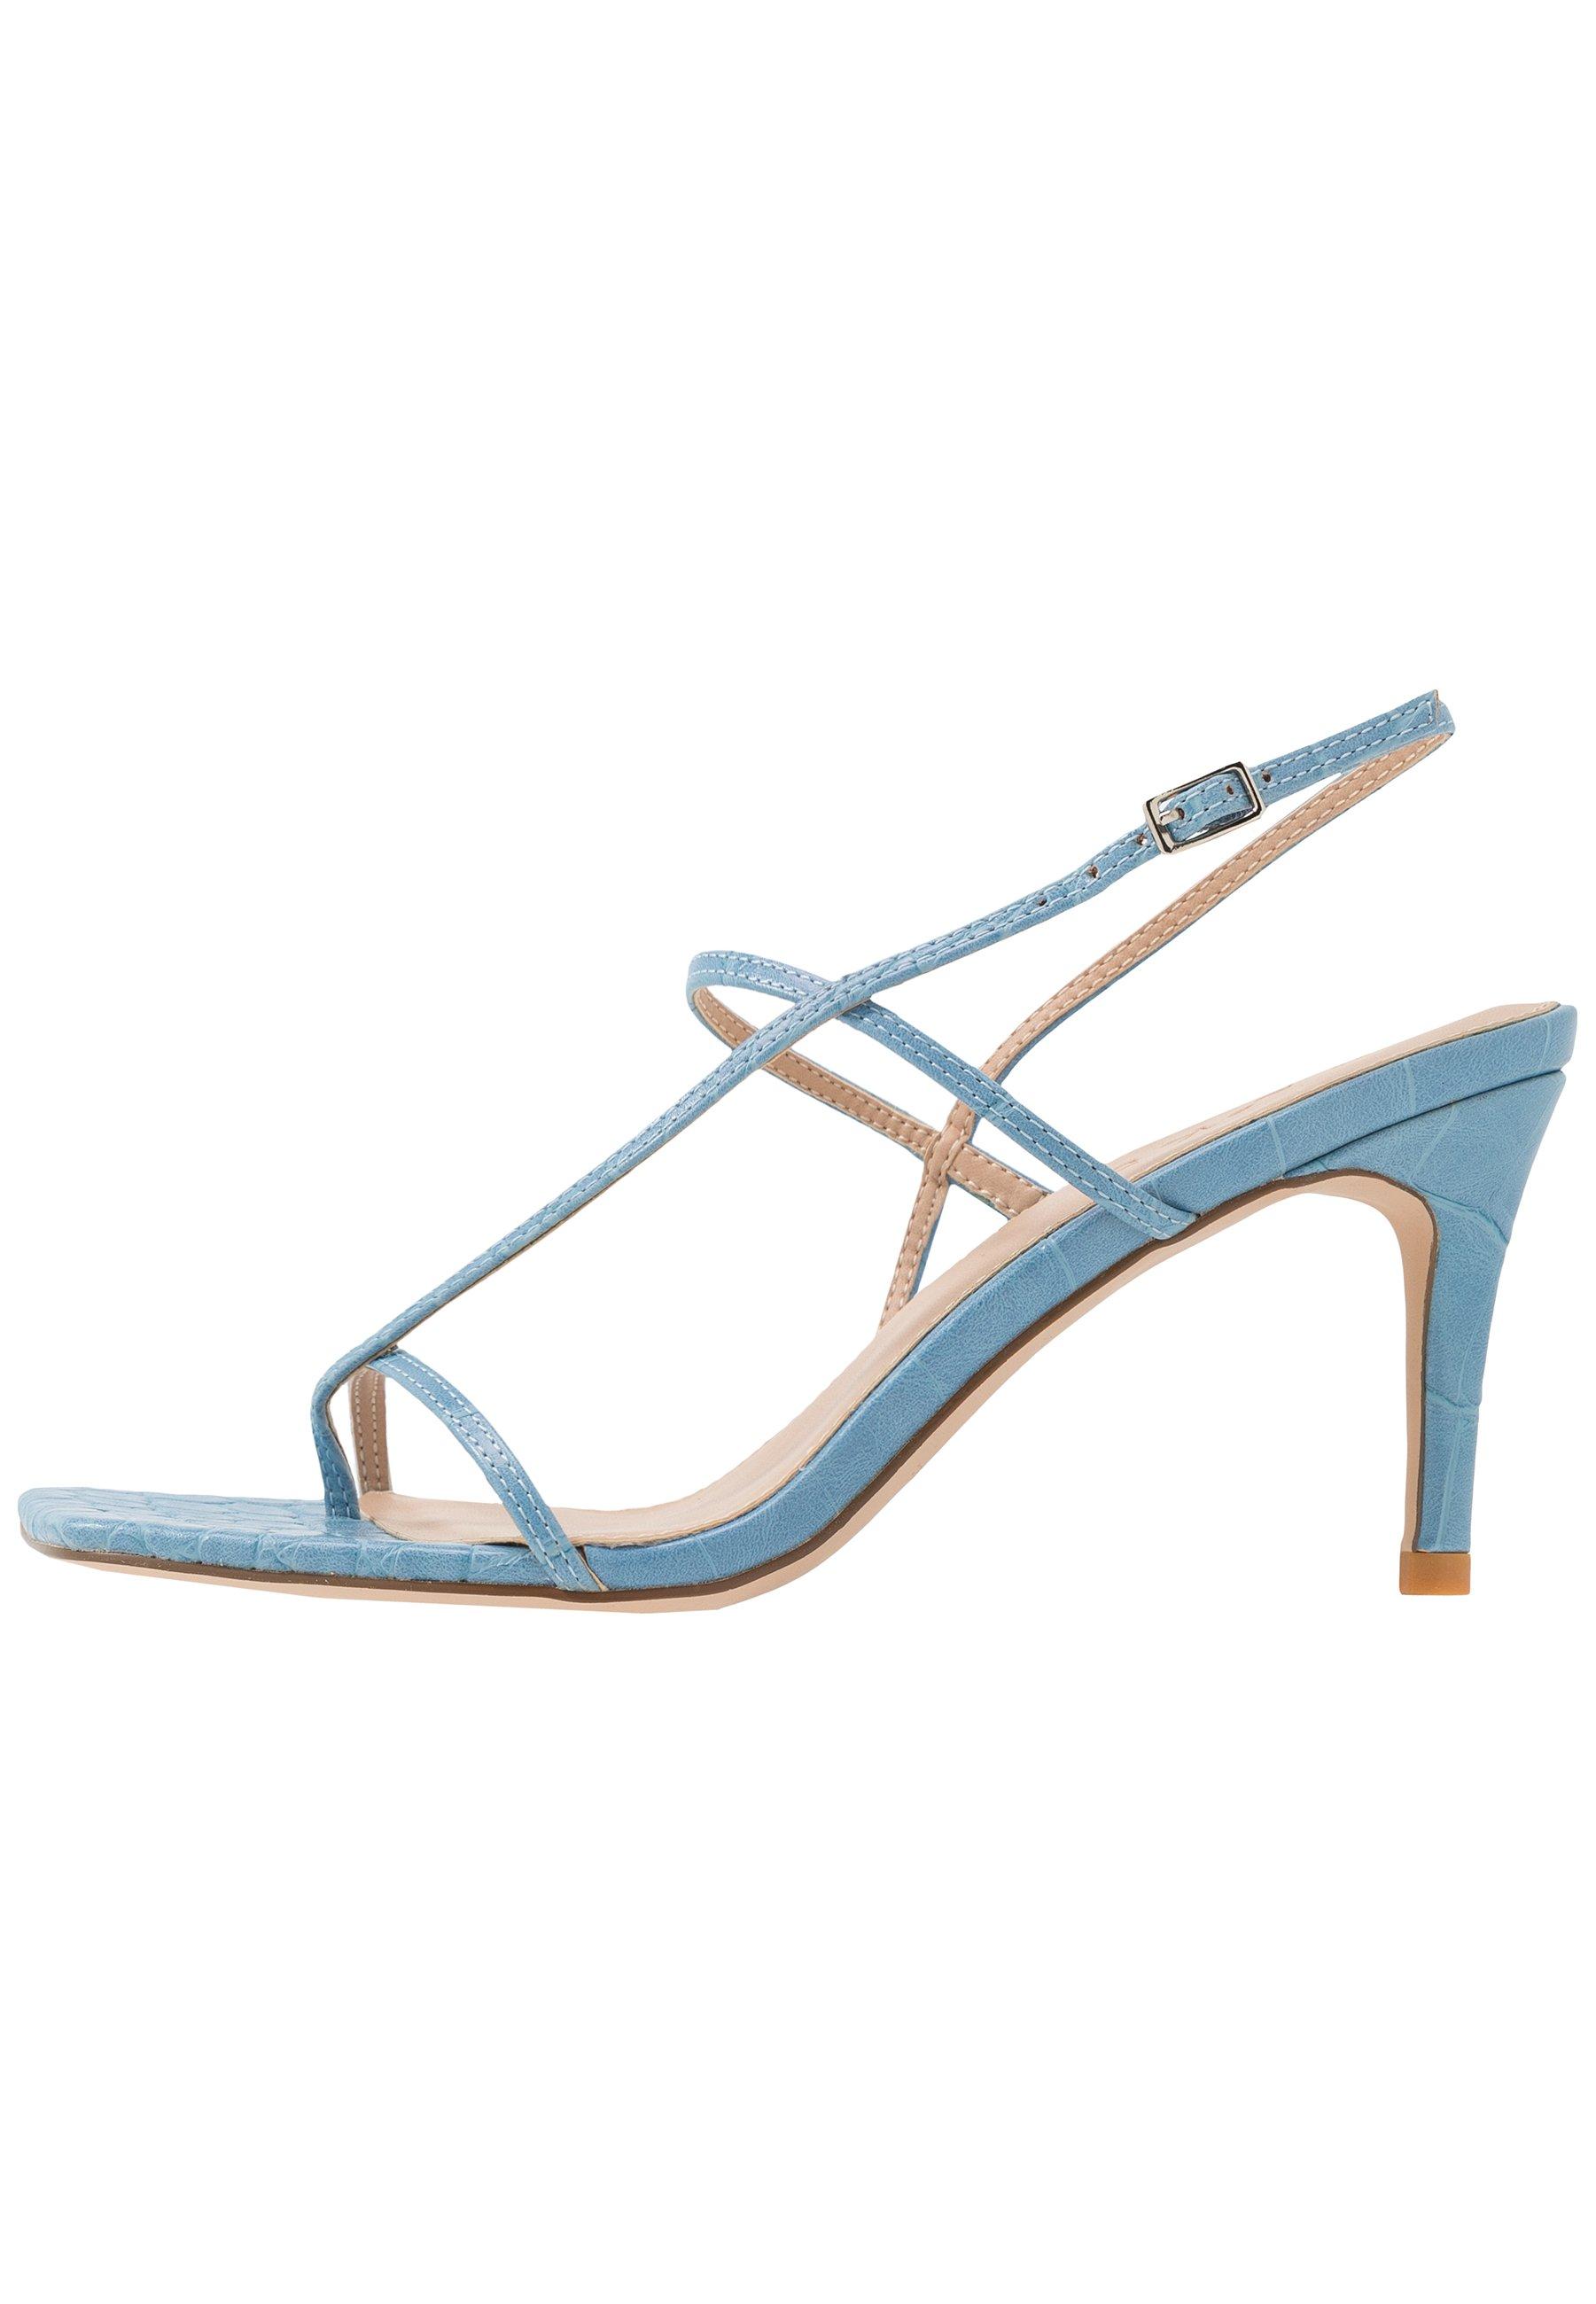 STRAPPY STILETTO Sandaletter light blue